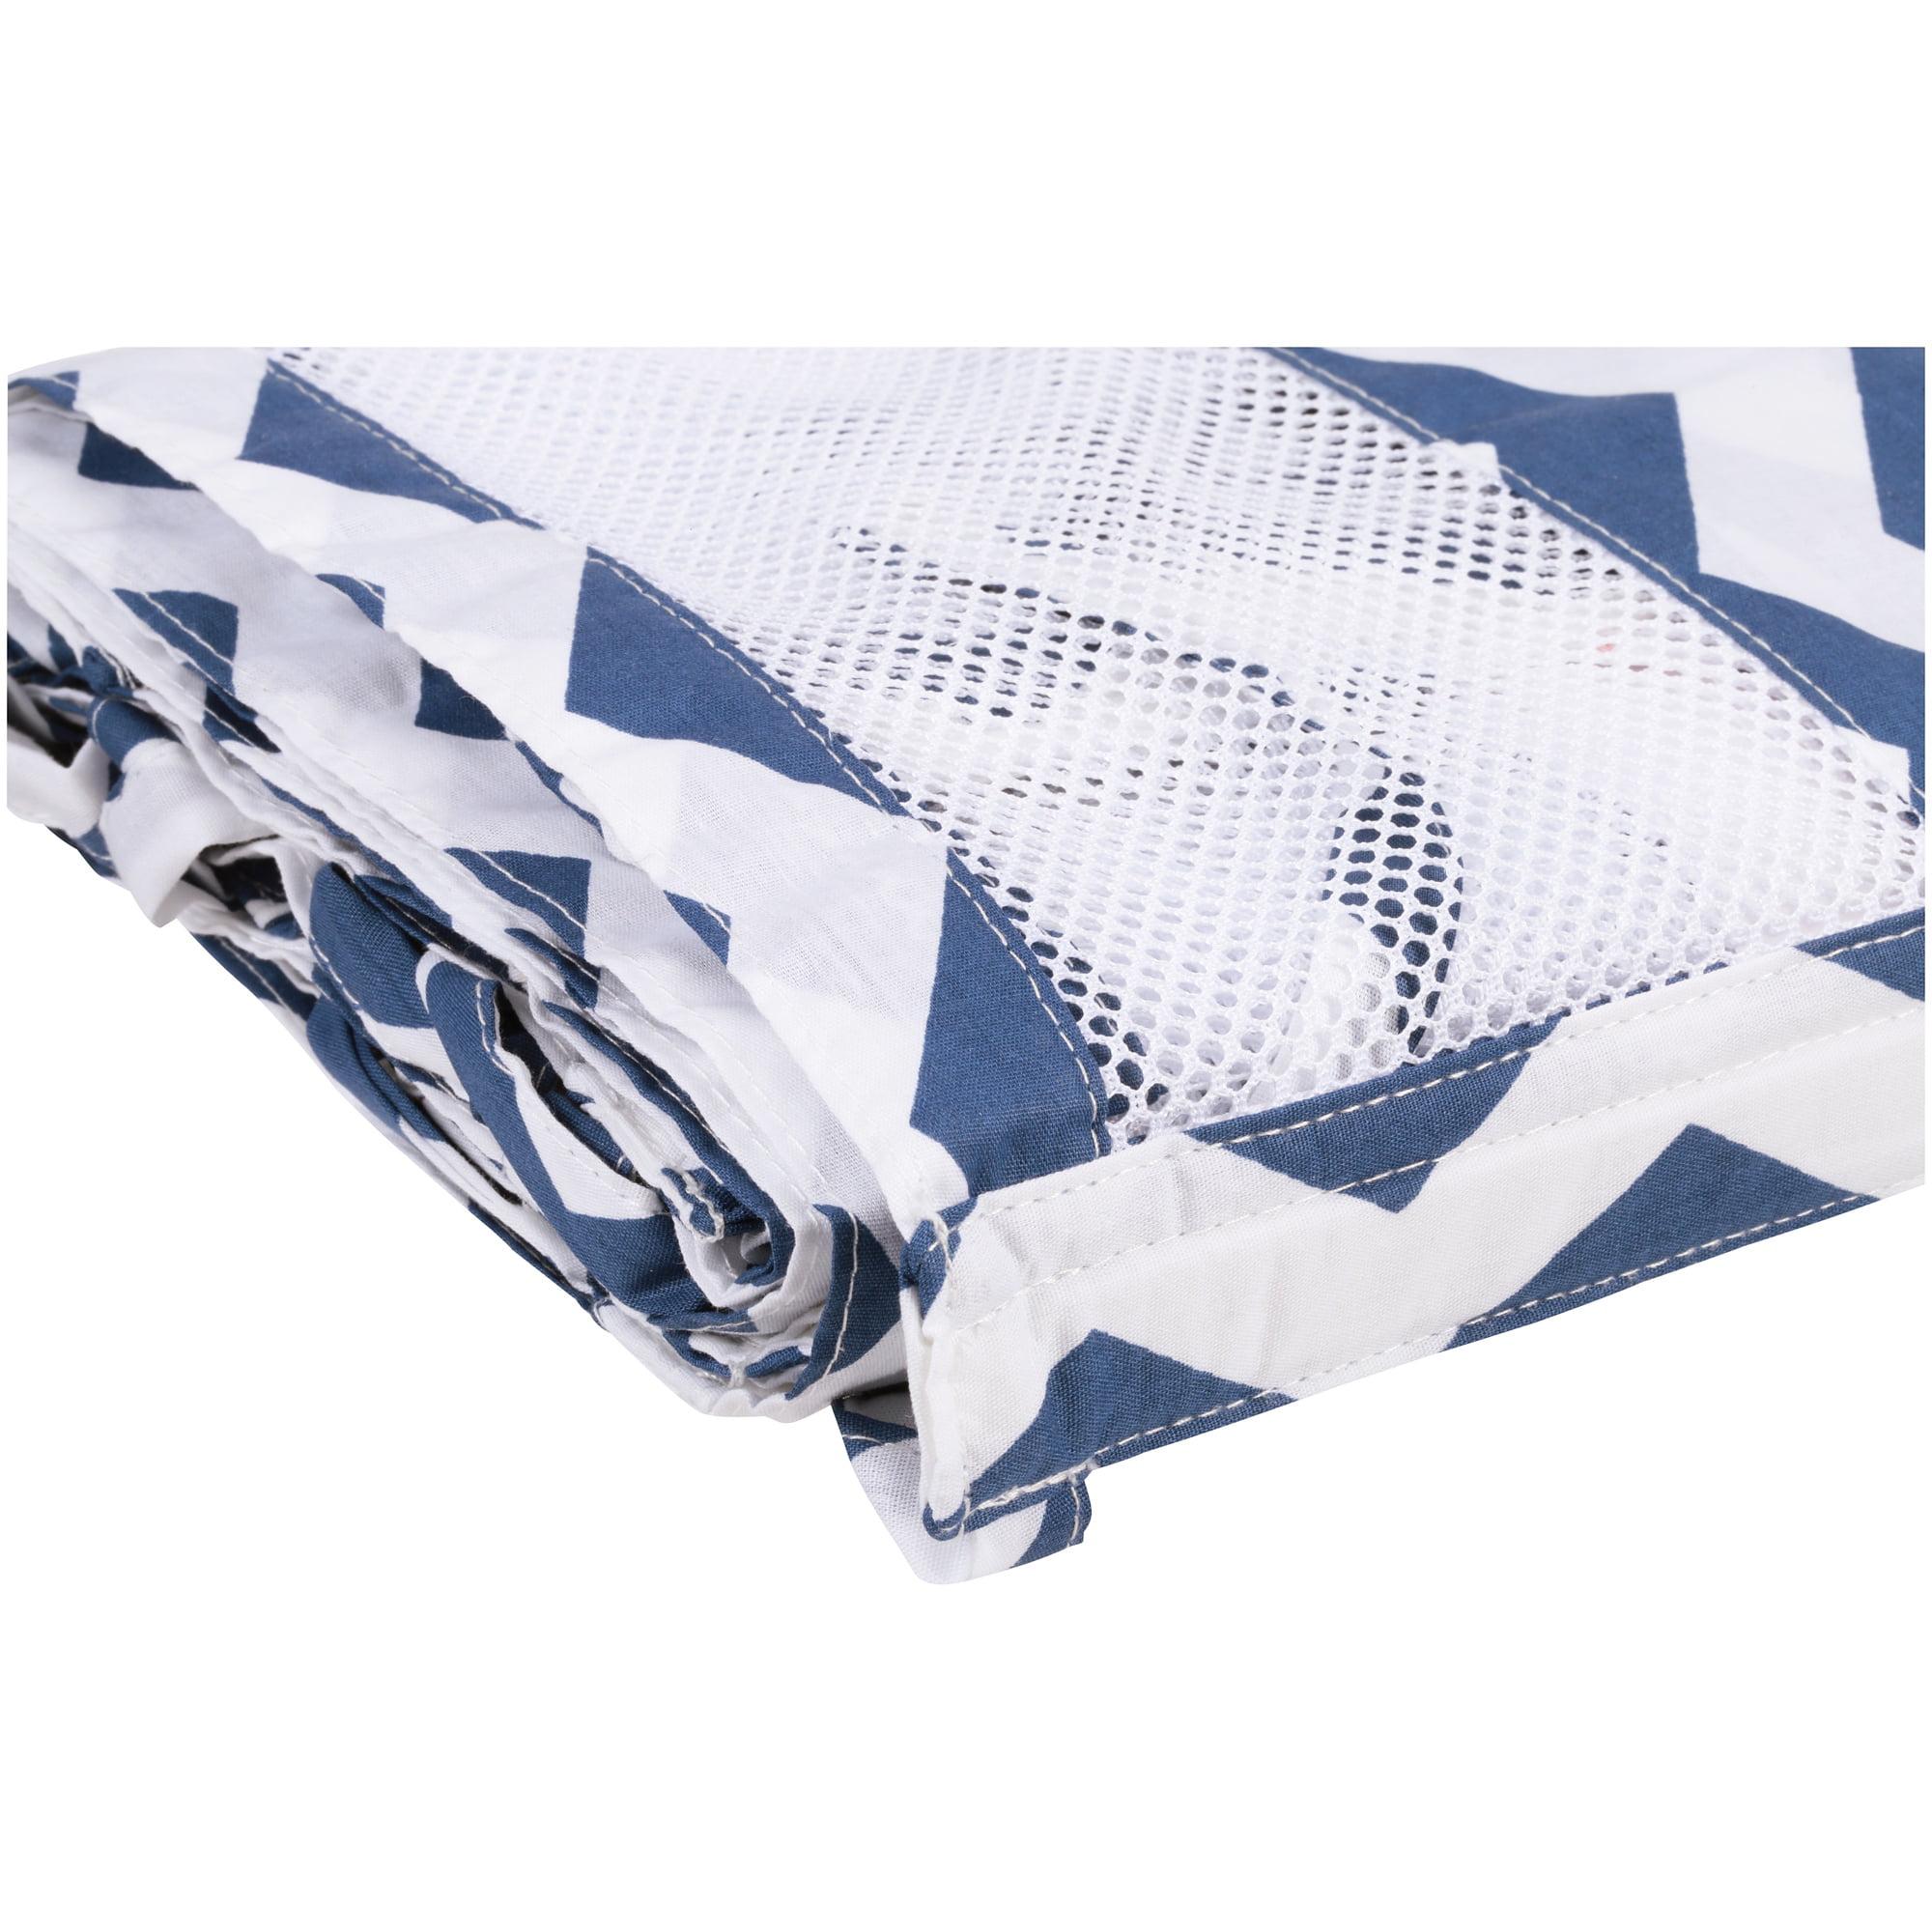 NoJo® Little Love Secure-Me® Crib Liner 4 pc Bag